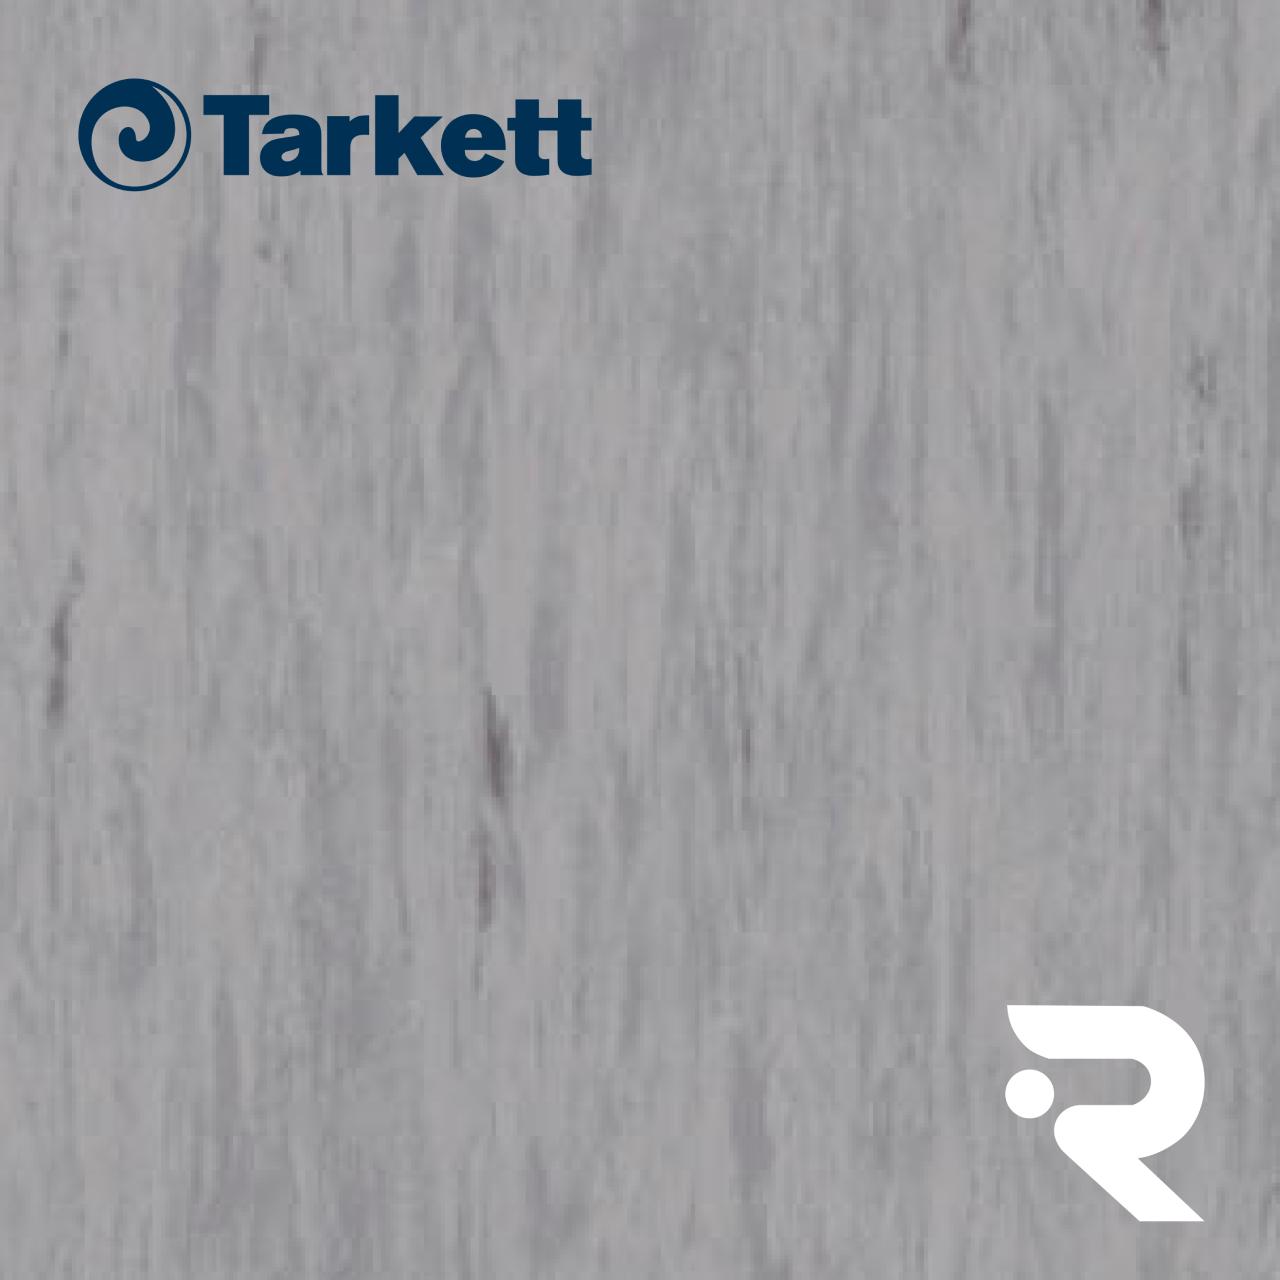 🏫 Гомогенний лінолеум Tarkett | Standard GREY 0498 | Standard Plus 2.0 mm | 610 х 610 мм